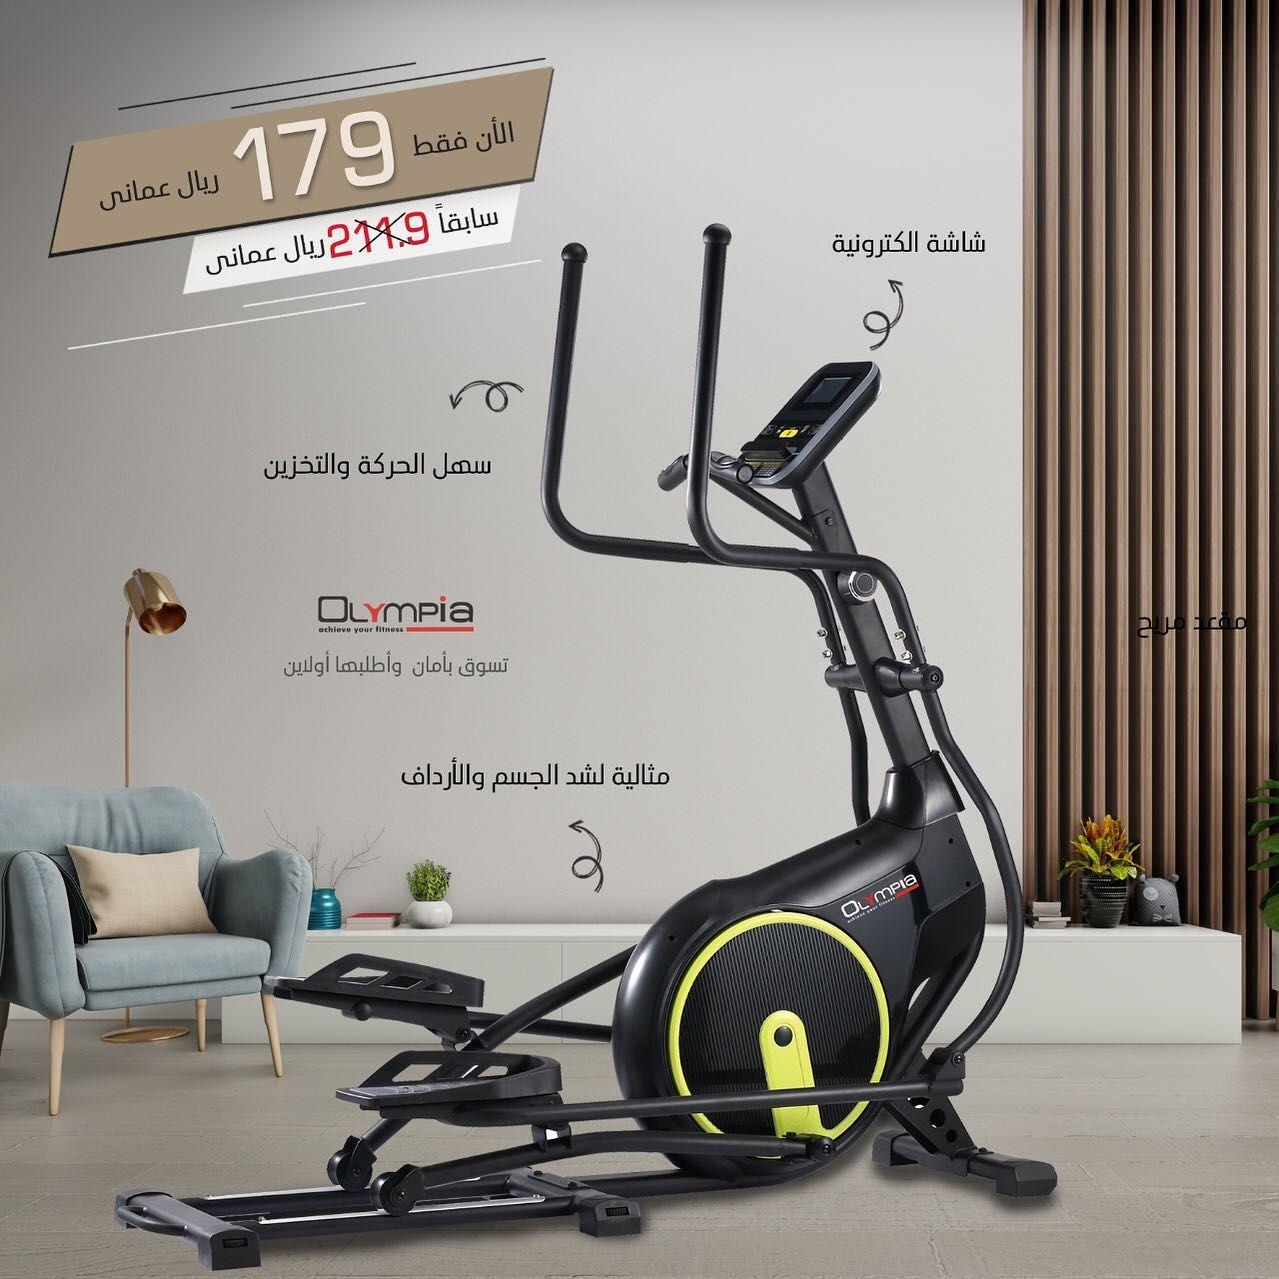 الآن من أولمبيا دراجة و استيبر الرشاقة و التخسيس الرائعة بتصميم عصرى و مميز جدا بقيمة 179 ريال بالعرض يوجد بشاشة الجهاز Stationary Bike Bike Gym Equipment